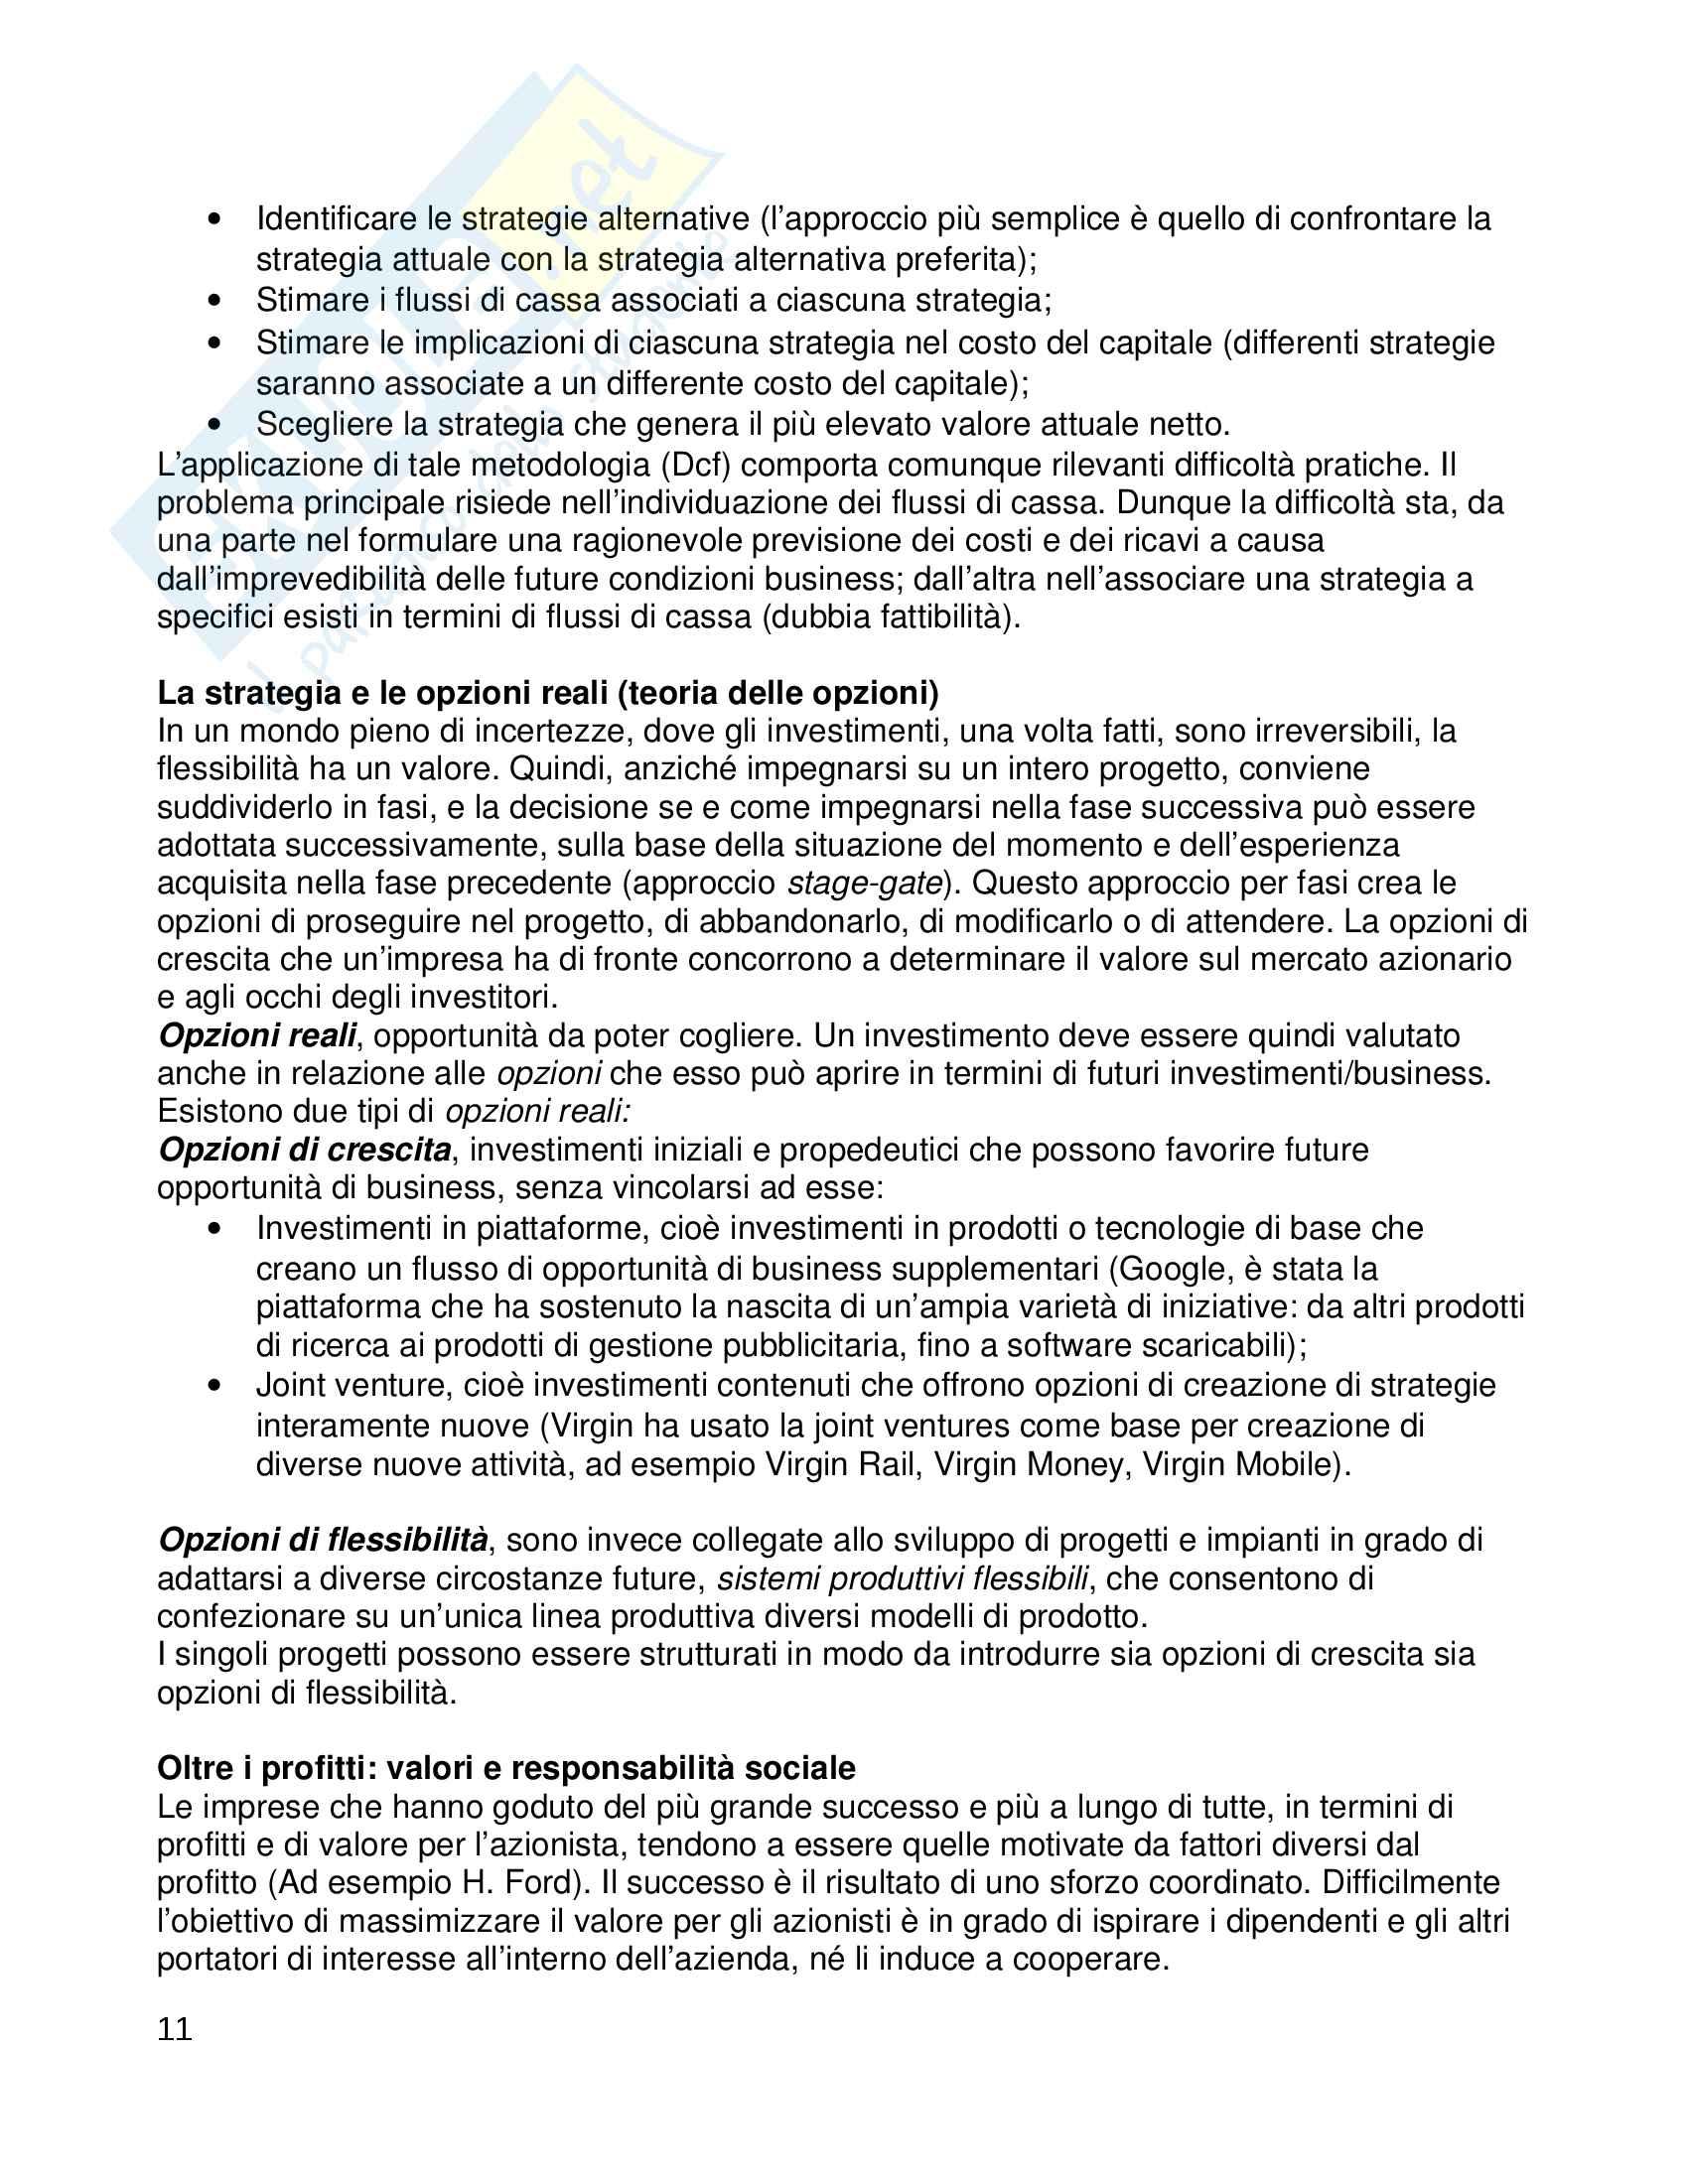 Riassunto esame Strategic Management, prof Pastore, libro consigliato L'analisi strategica per le decisioni aziendali, Grant Pag. 11